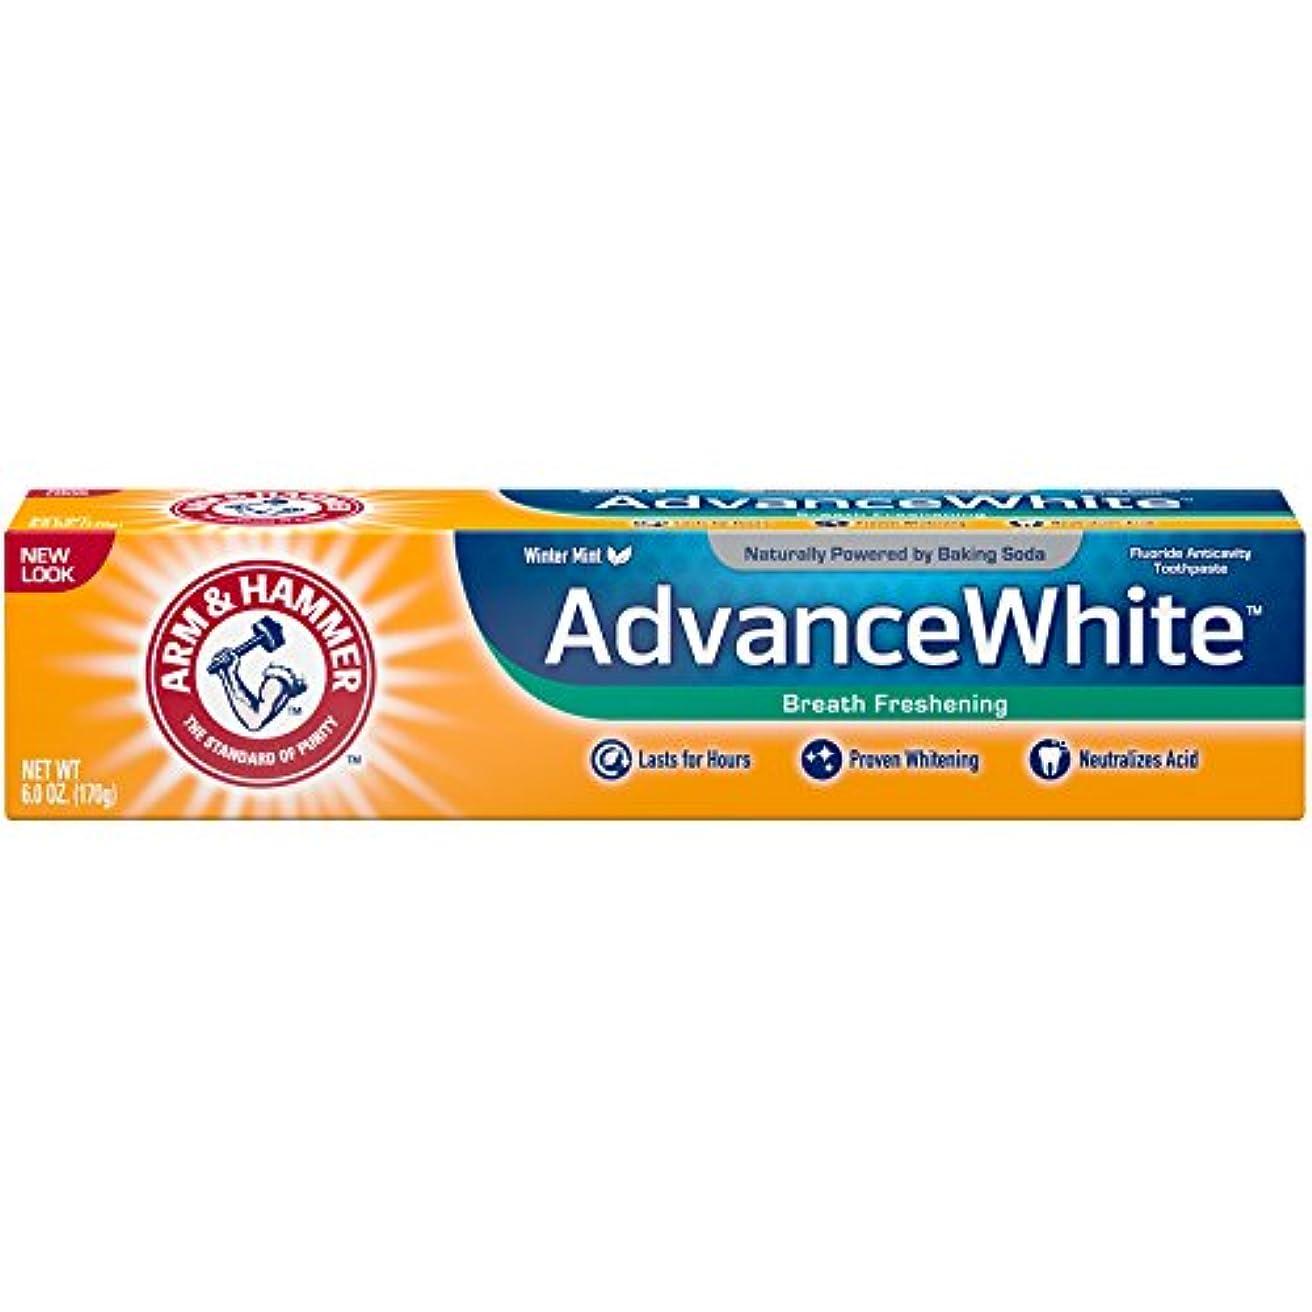 漏斗労働者衰えるアーム&ハマー アドバンス ホワイト 歯磨き粉 ブレス フレッシュニング 170g Advance White Breath Freshing Baking Soda & Frosted Mint